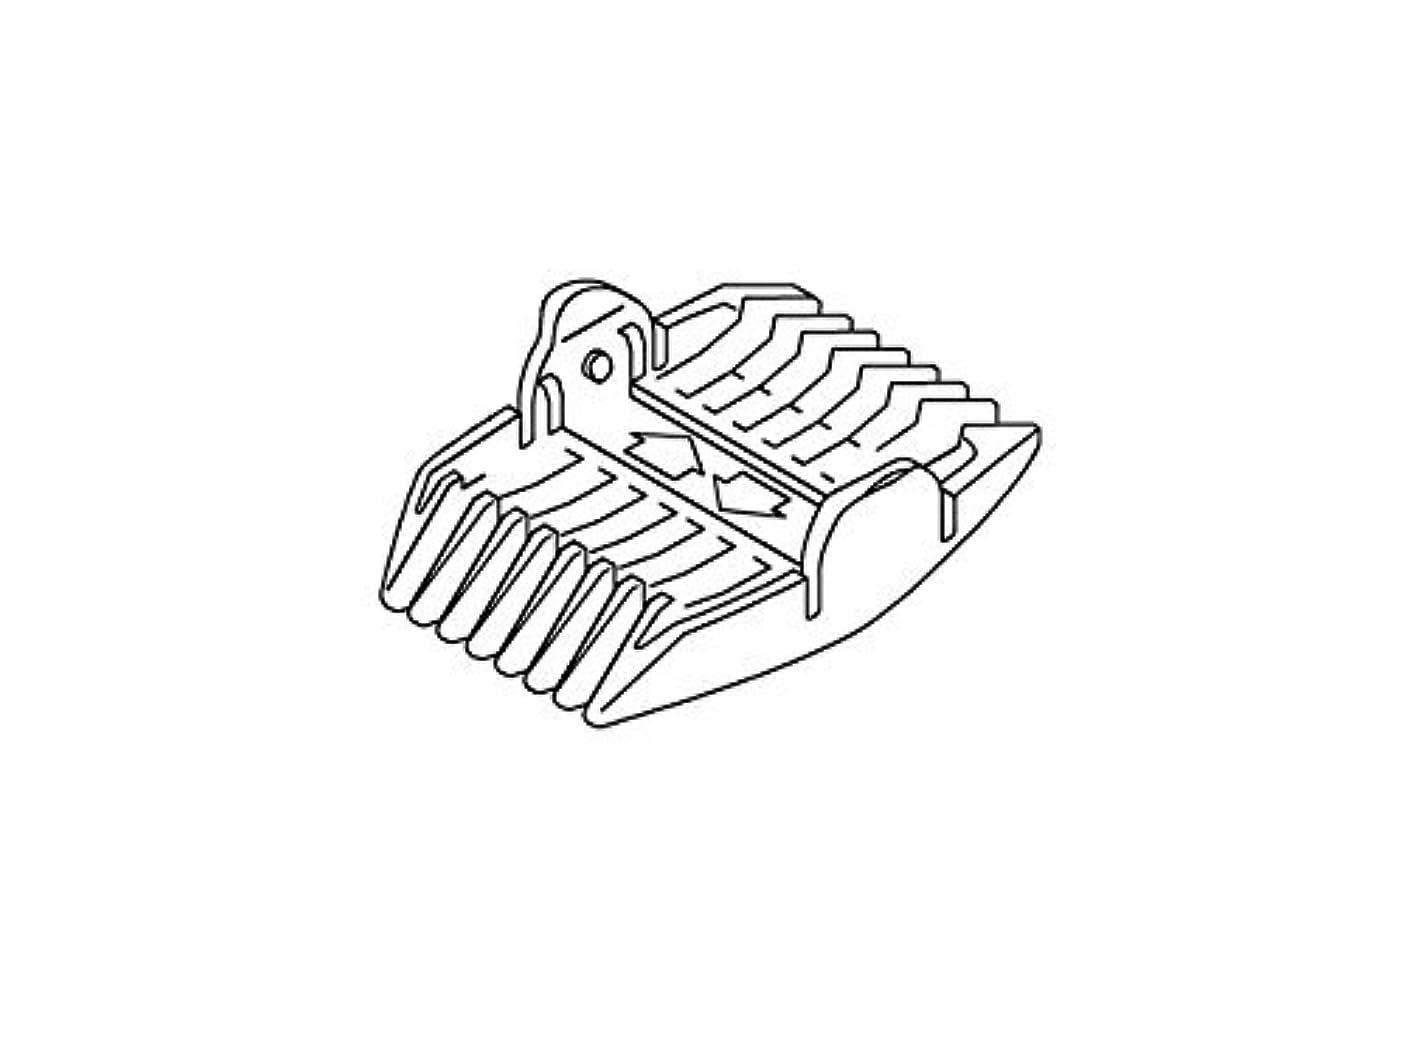 わずかな犯すコンテンポラリーPanasonic 刈り高さアタッチメント(9/12mm) ERGF80W7407